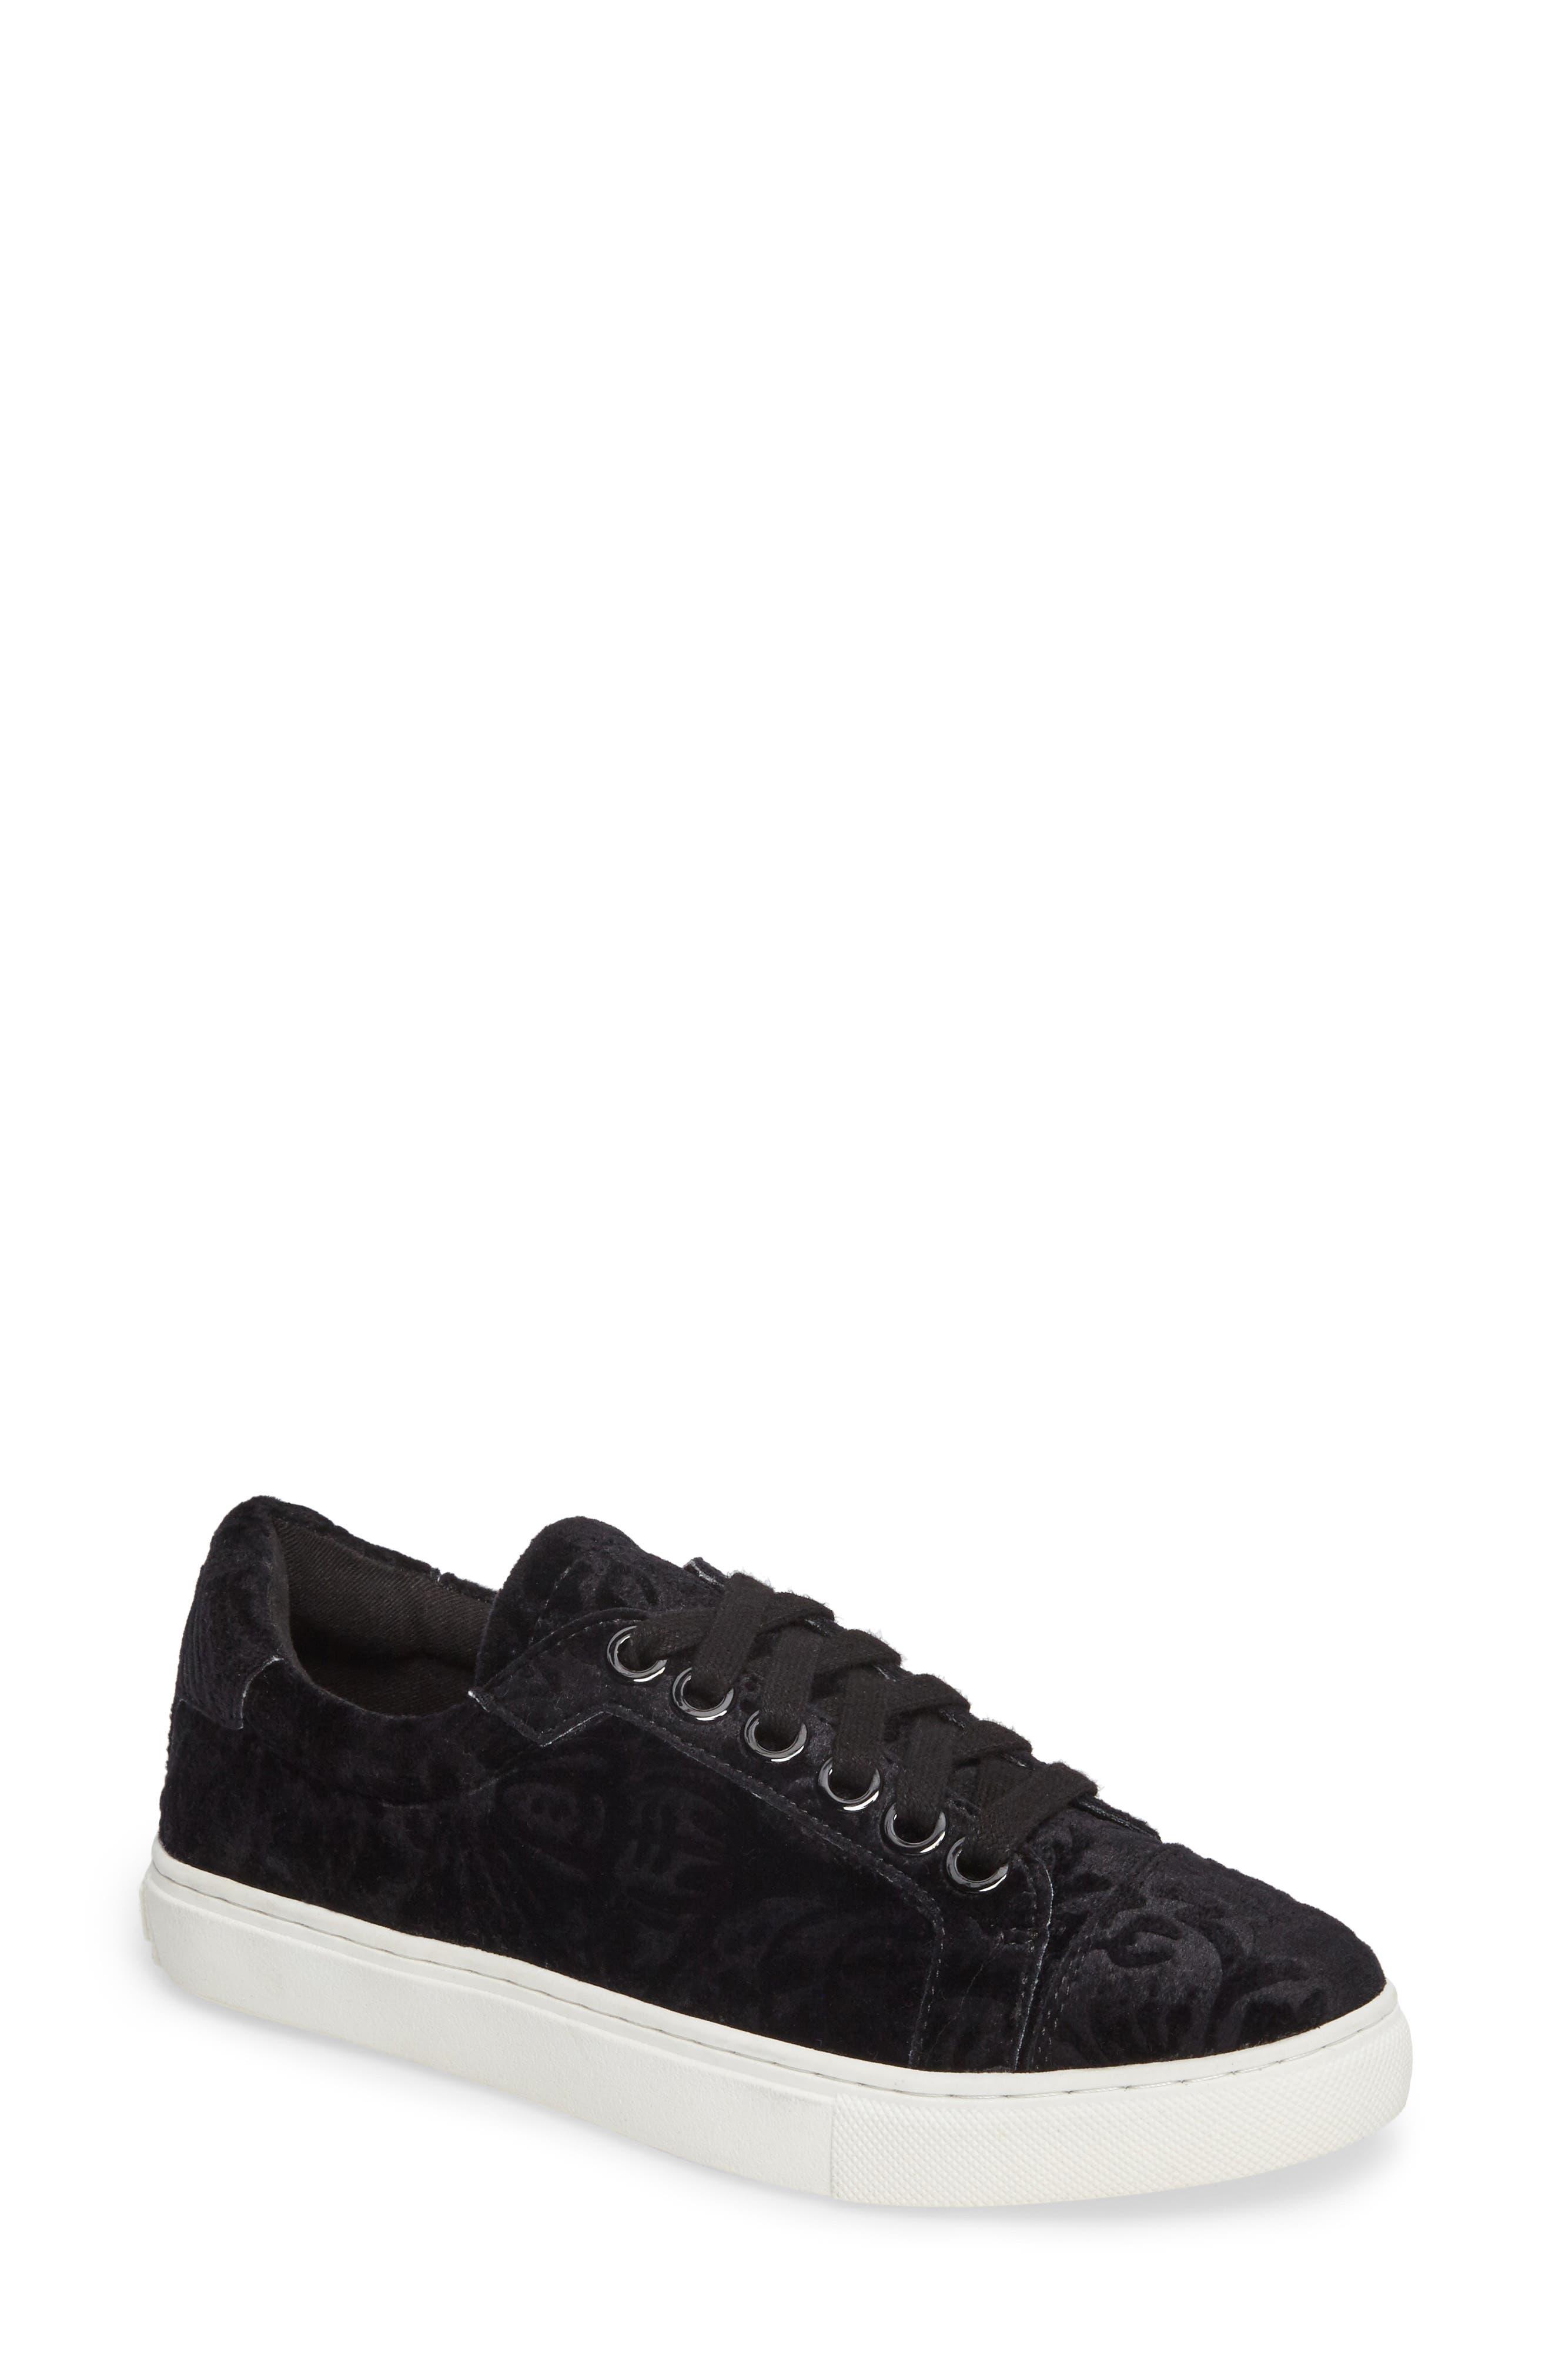 Bleecker Too Sneaker,                         Main,                         color, 001